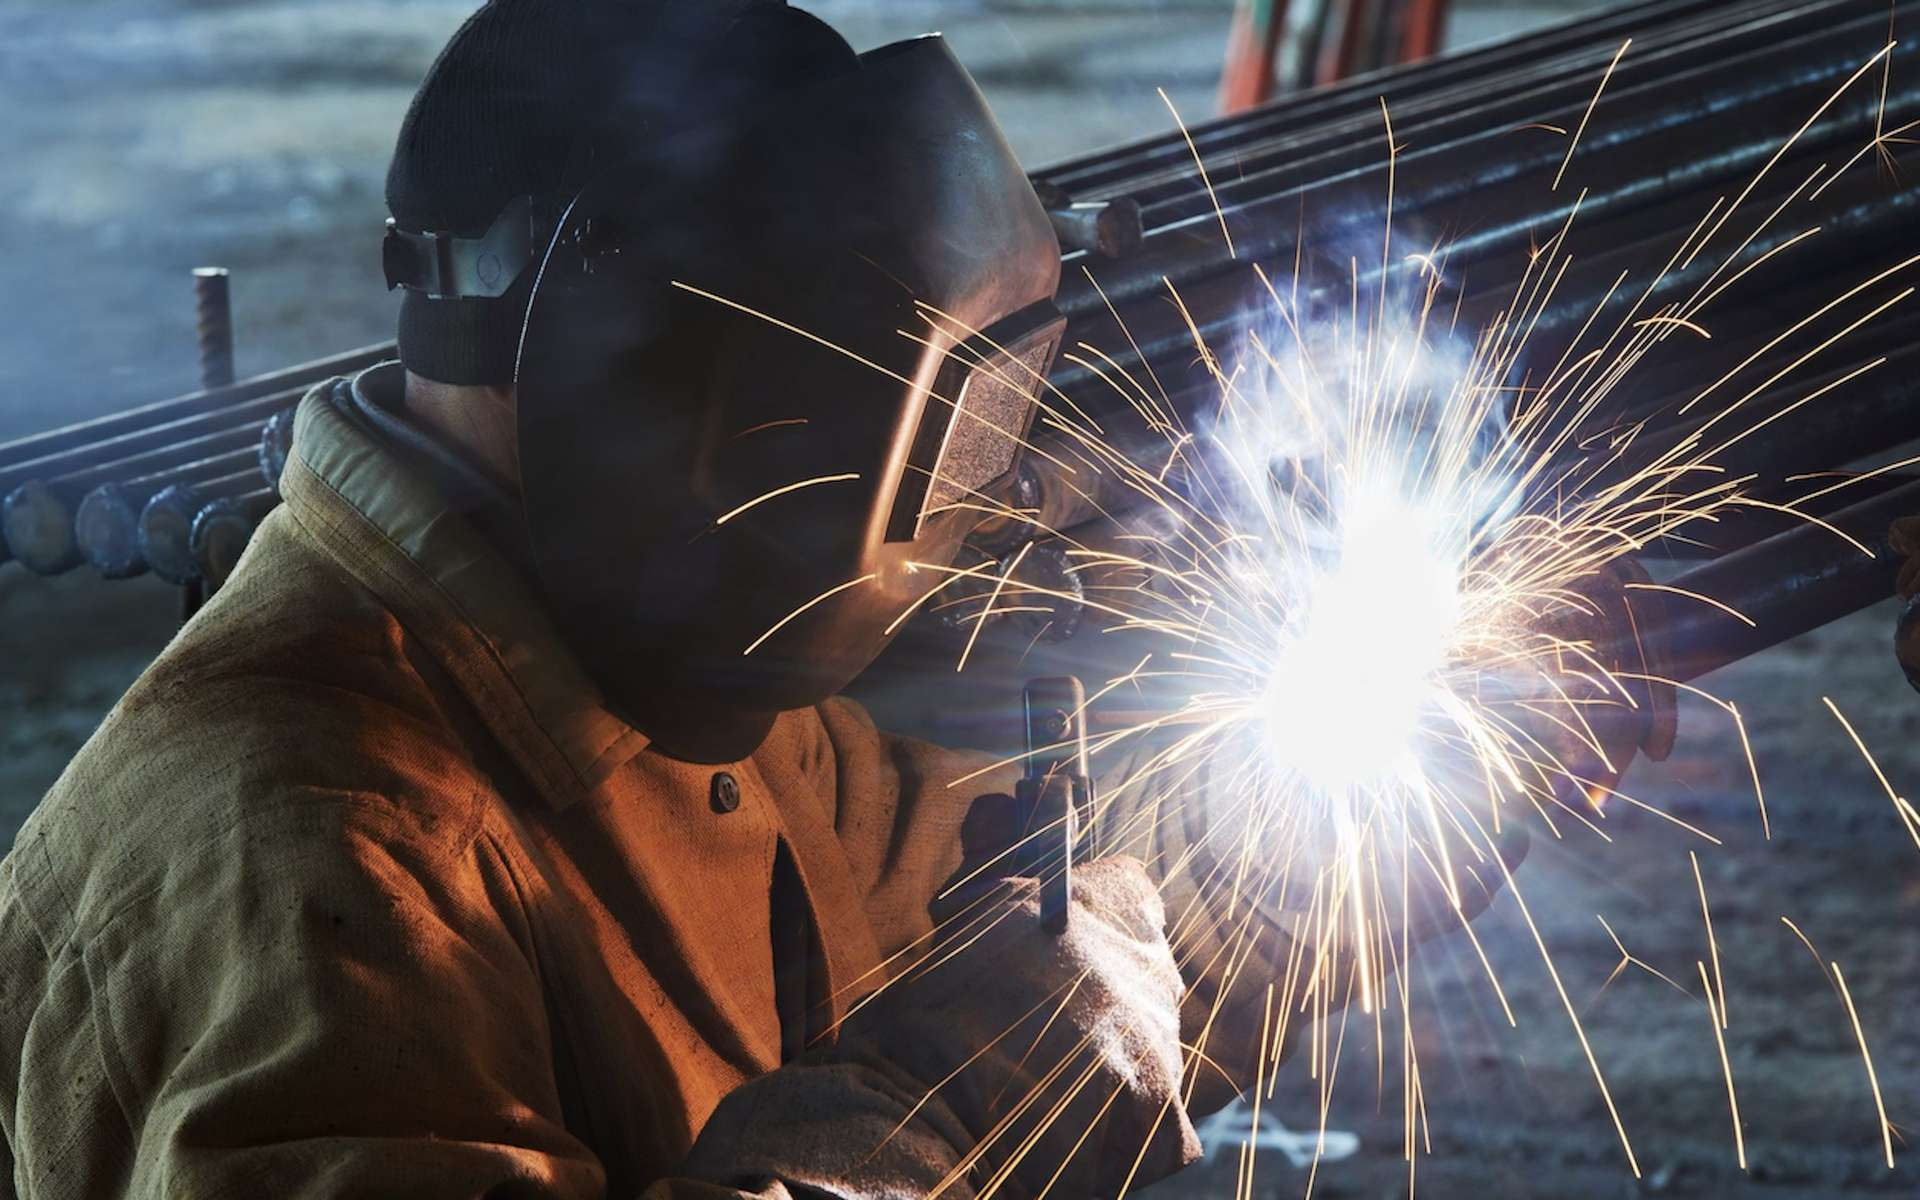 Une soudure à l'arc permet l'assemblage deux pièces métalliques par la fusion d'un métal d'apport constitué d'une électrode enrobée.© UIMM La Fabrique de l'Avenir